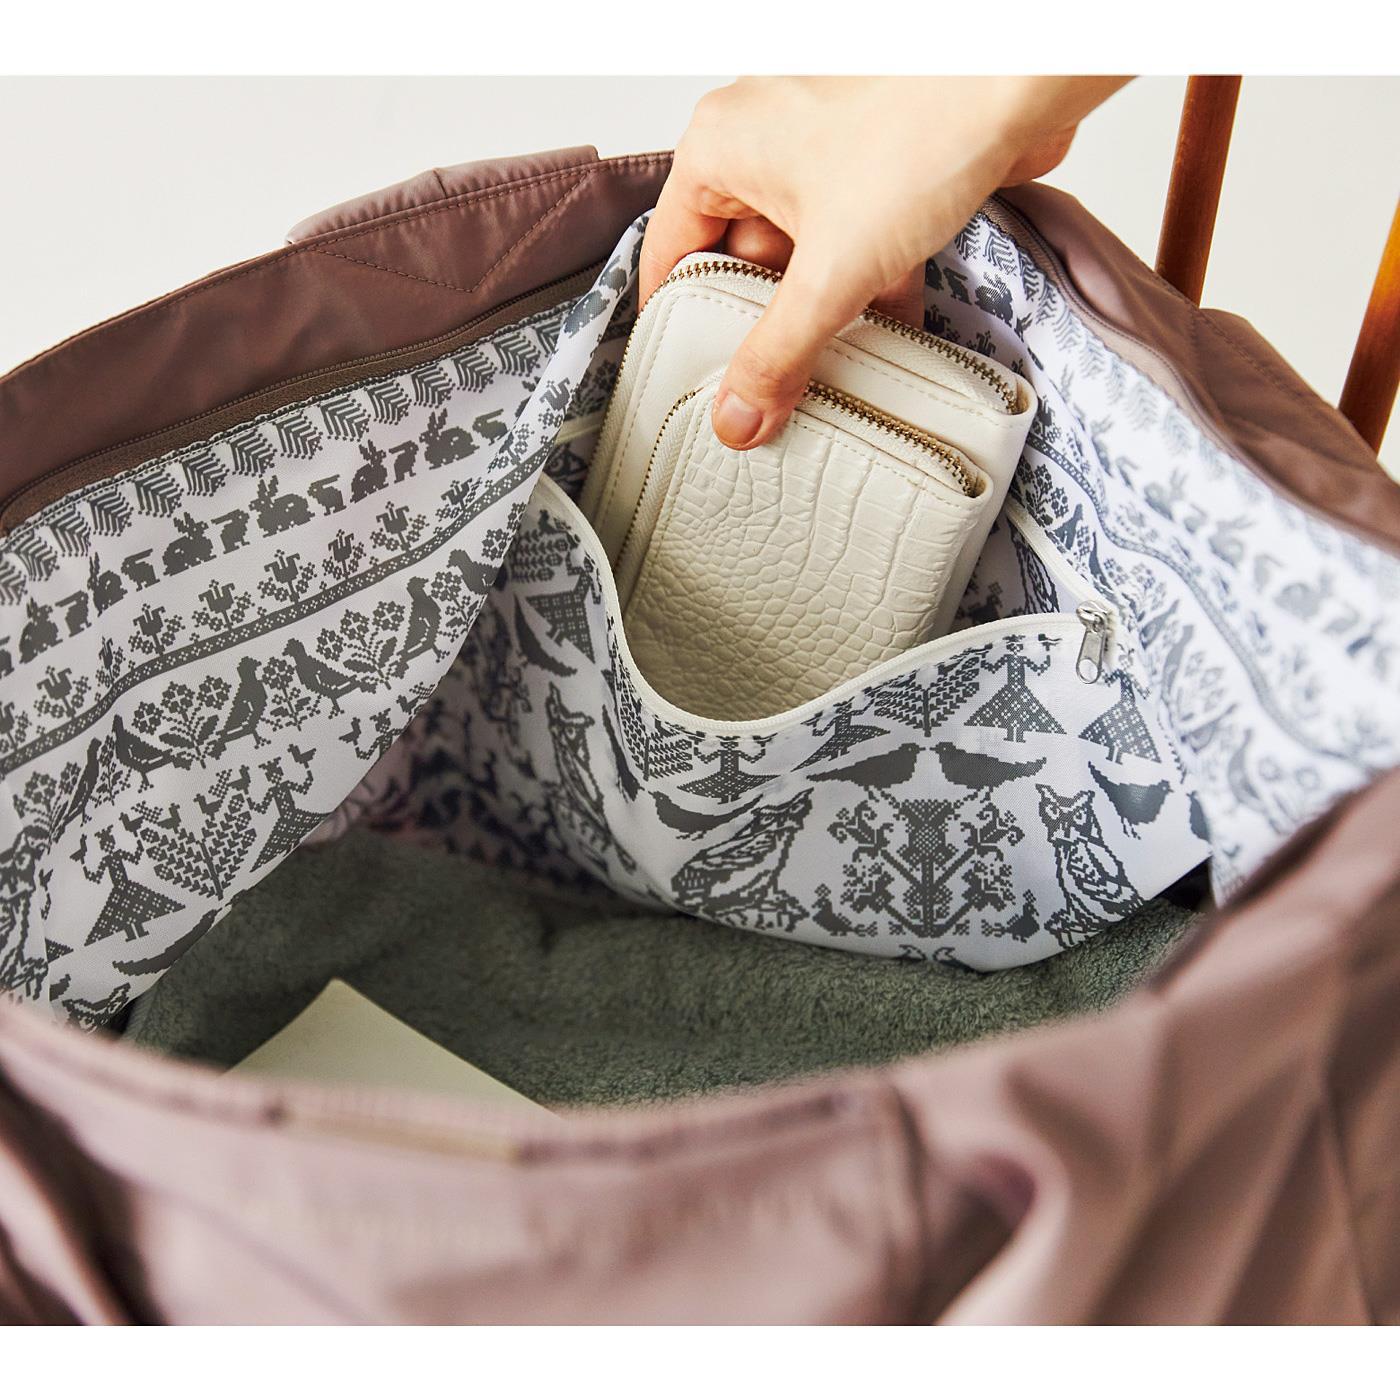 Kraso[クラソ] SAANA JA OLLI サーナ ヤ オッリ やわらか&軽い生地でからだにフィット 7つポケットの大きな2-WAYバッグの会 内側にはファスナーポケットも。